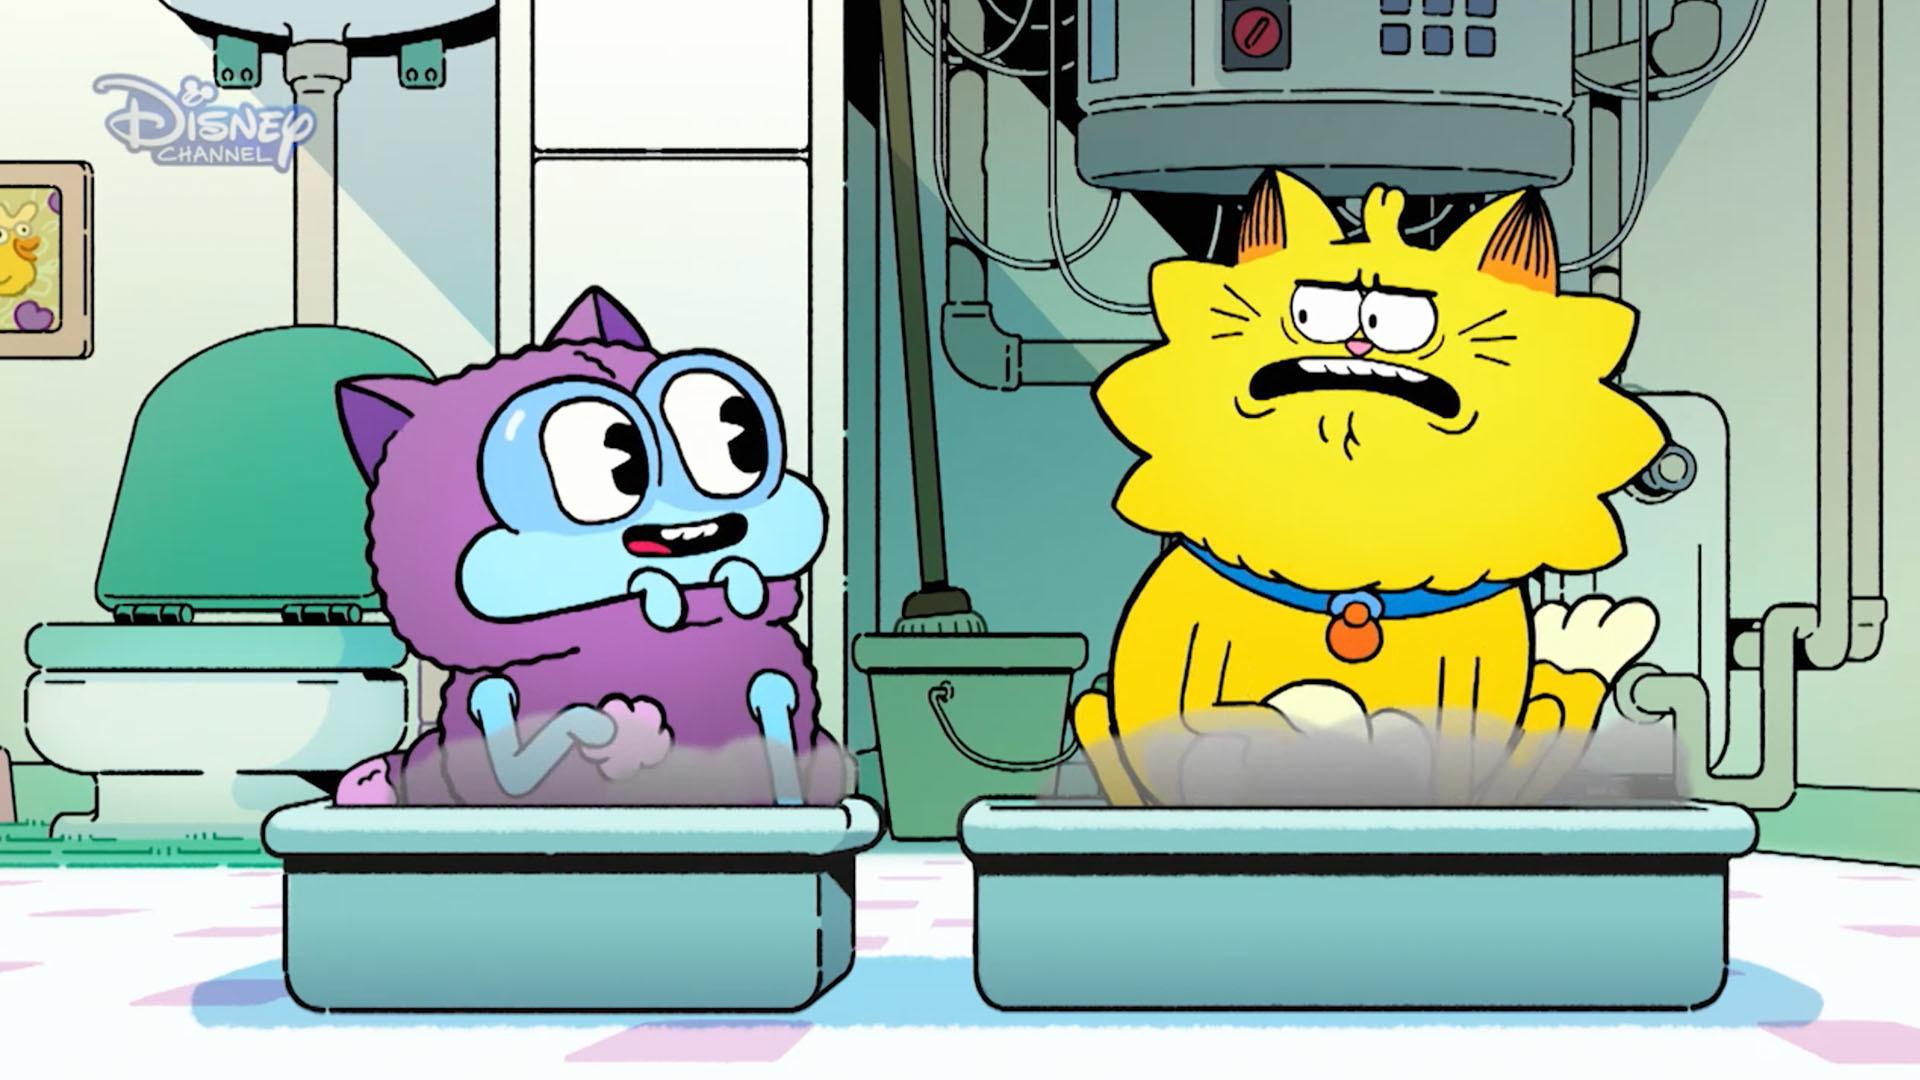 A macska, az űrlény meg az alom